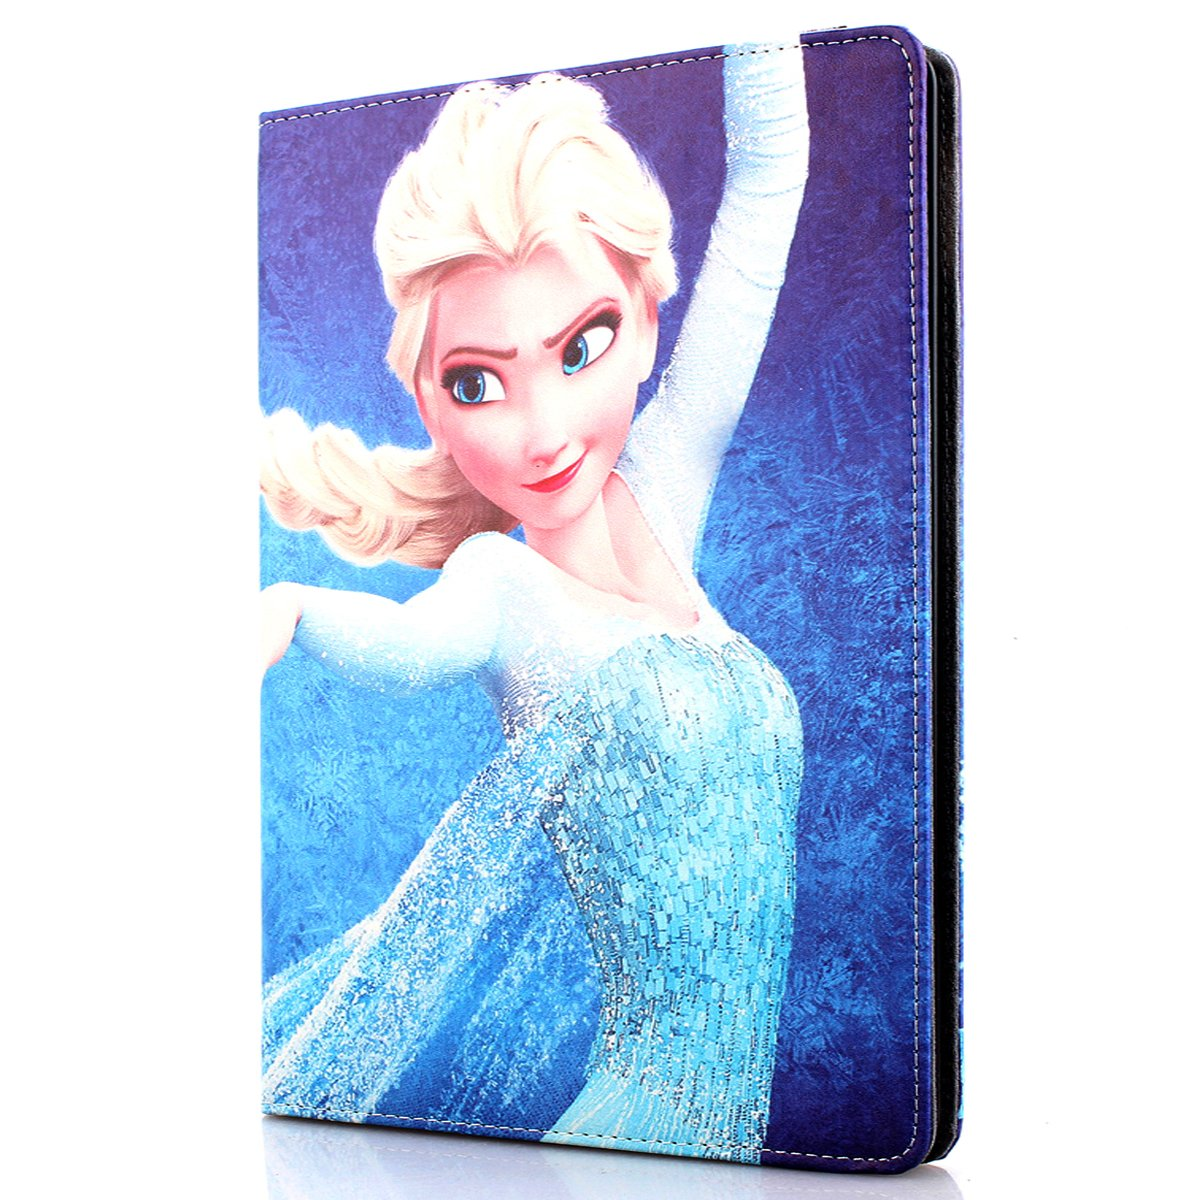 Amazon.com: iPad Mini 2 3 Case, hm-ant Smart Anna & Elsa con ...